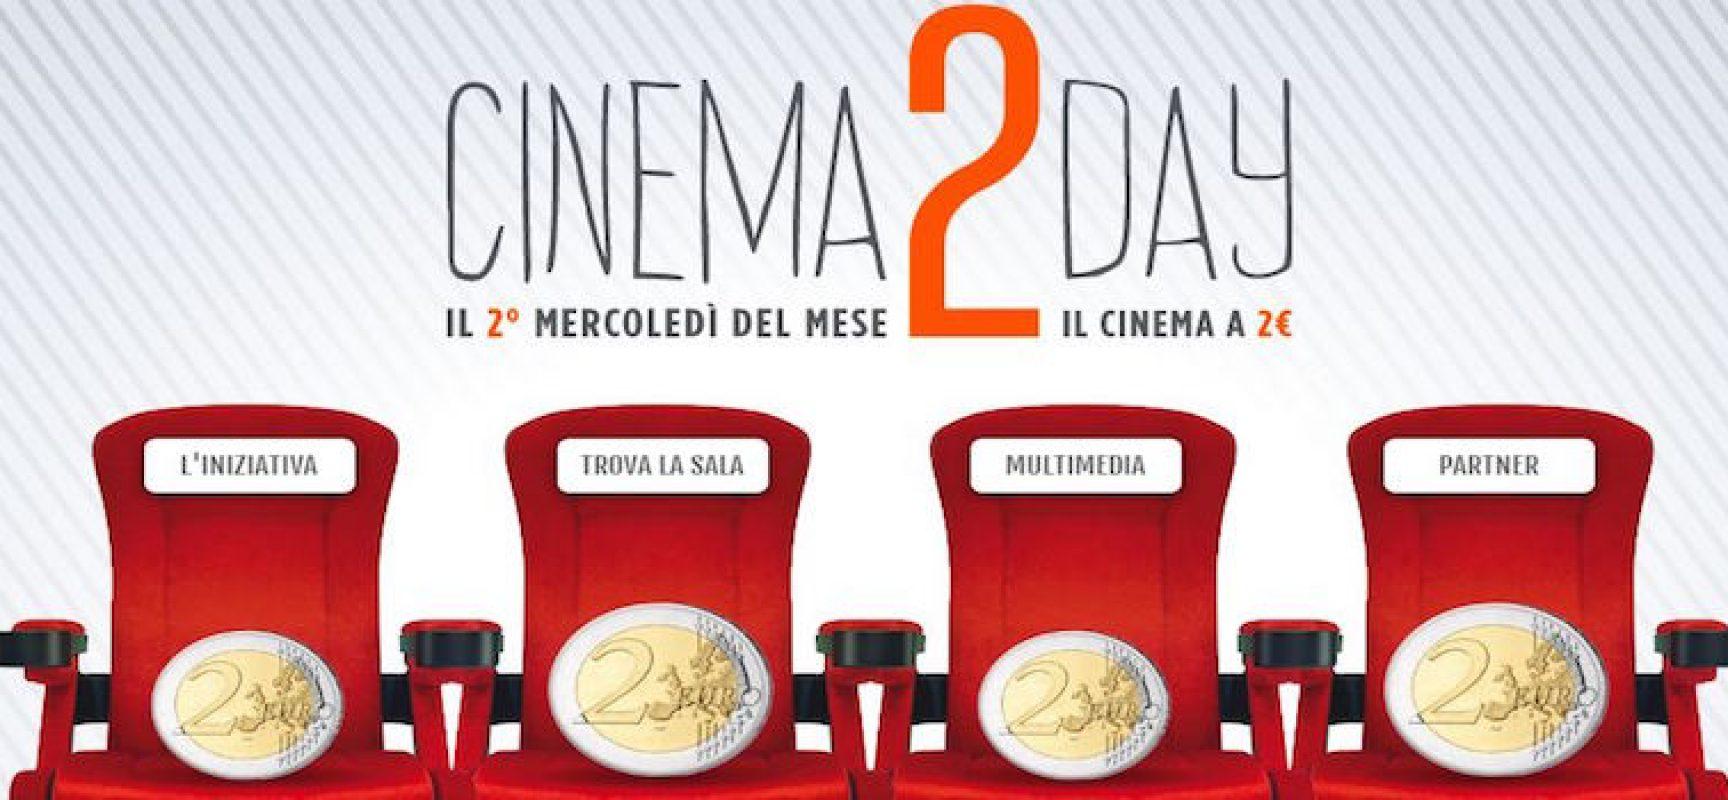 """Niente più """"mercoledì a 2 euro"""": il cinema Politeama dice no alla proroga di Cinema2Day"""